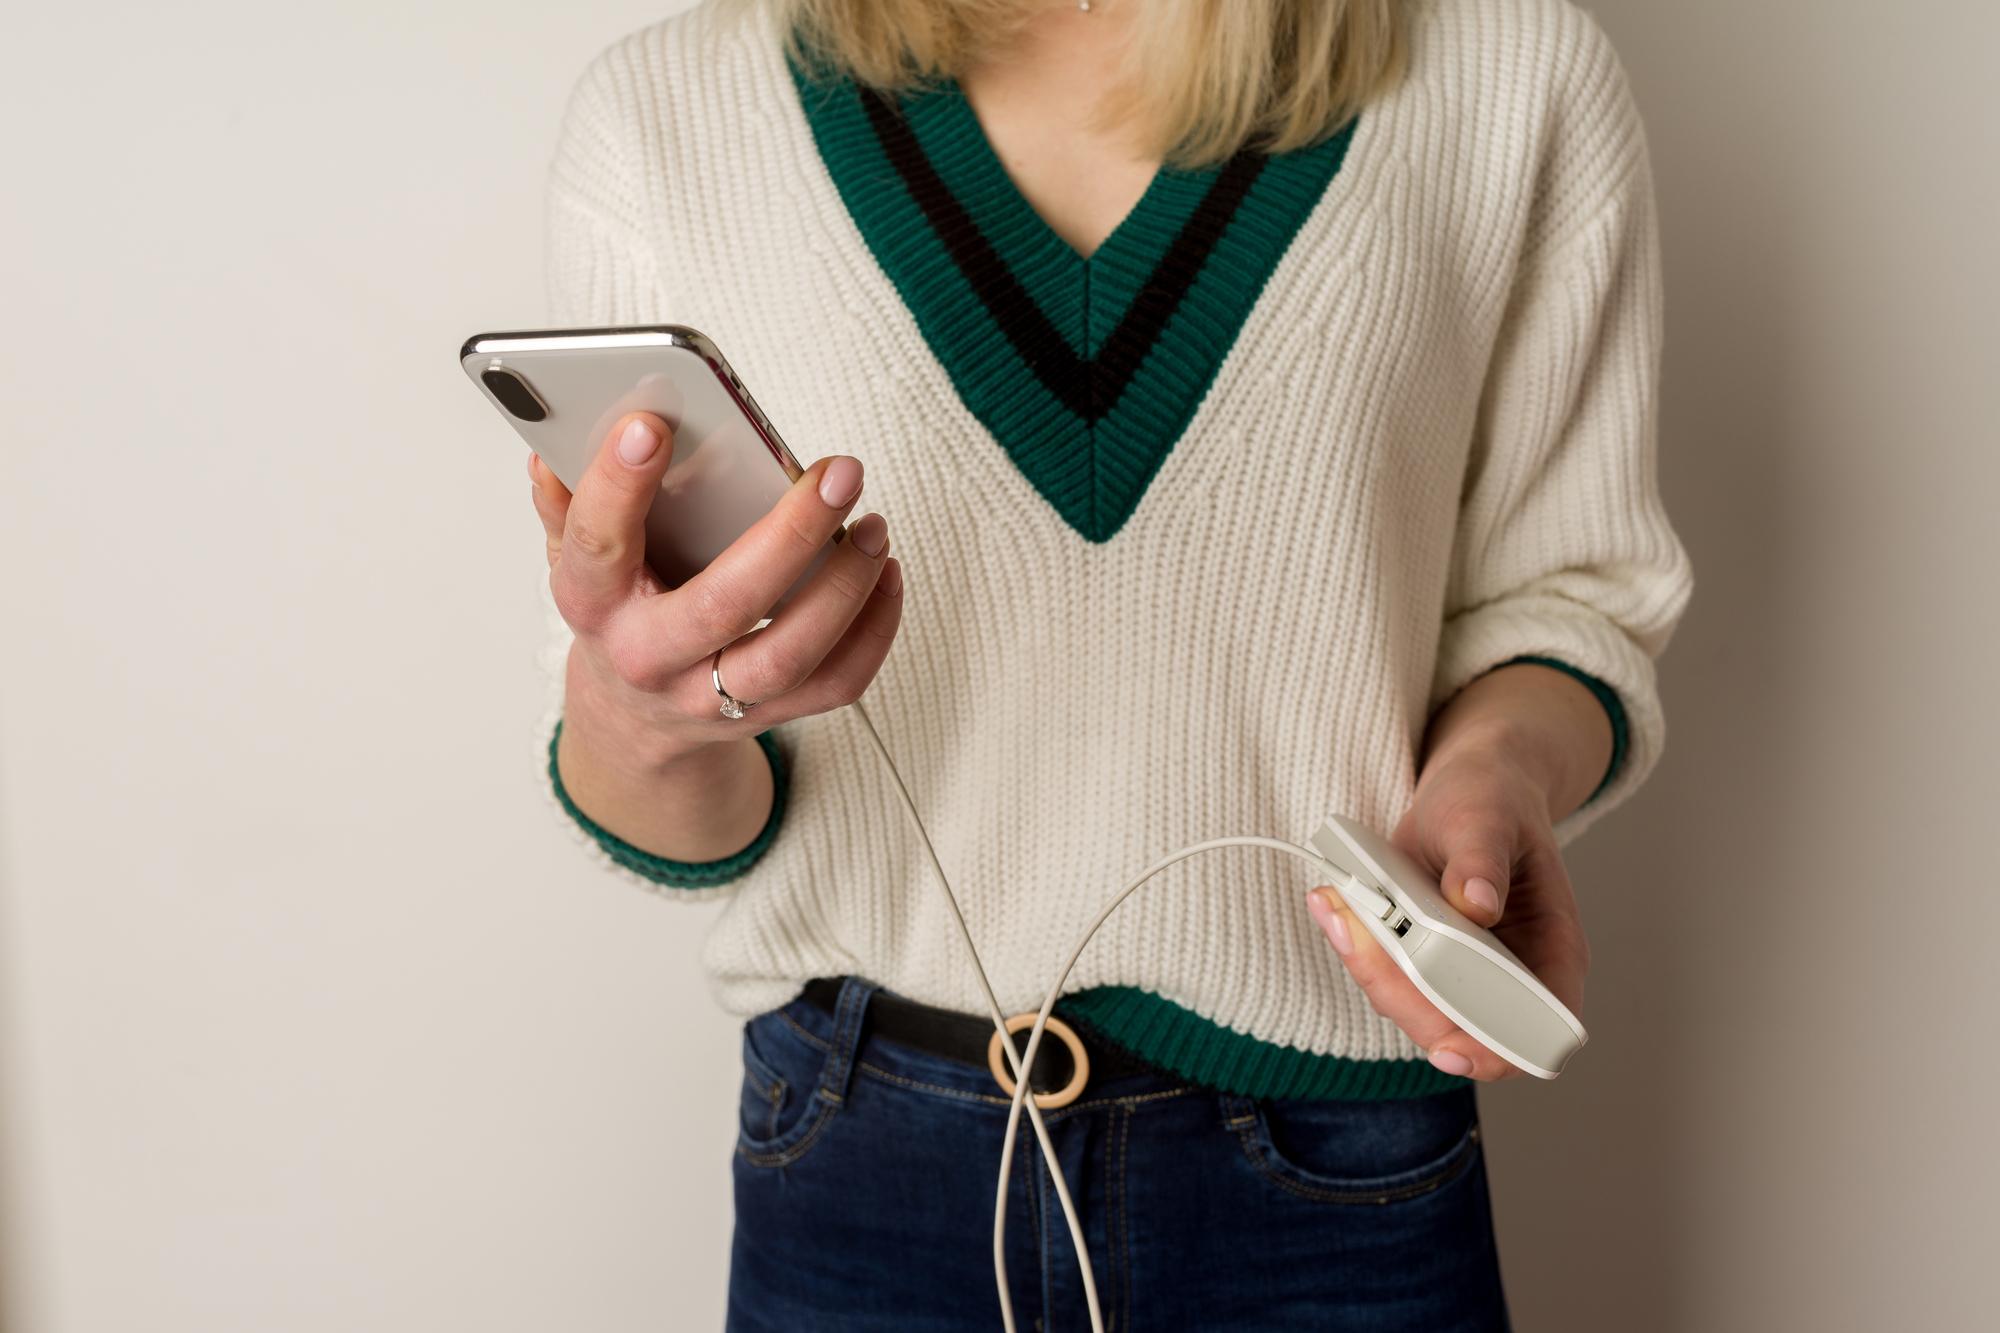 iphoneの「iOS」とは何のこと?特徴・機能を紹介のアイキャッチイメージ